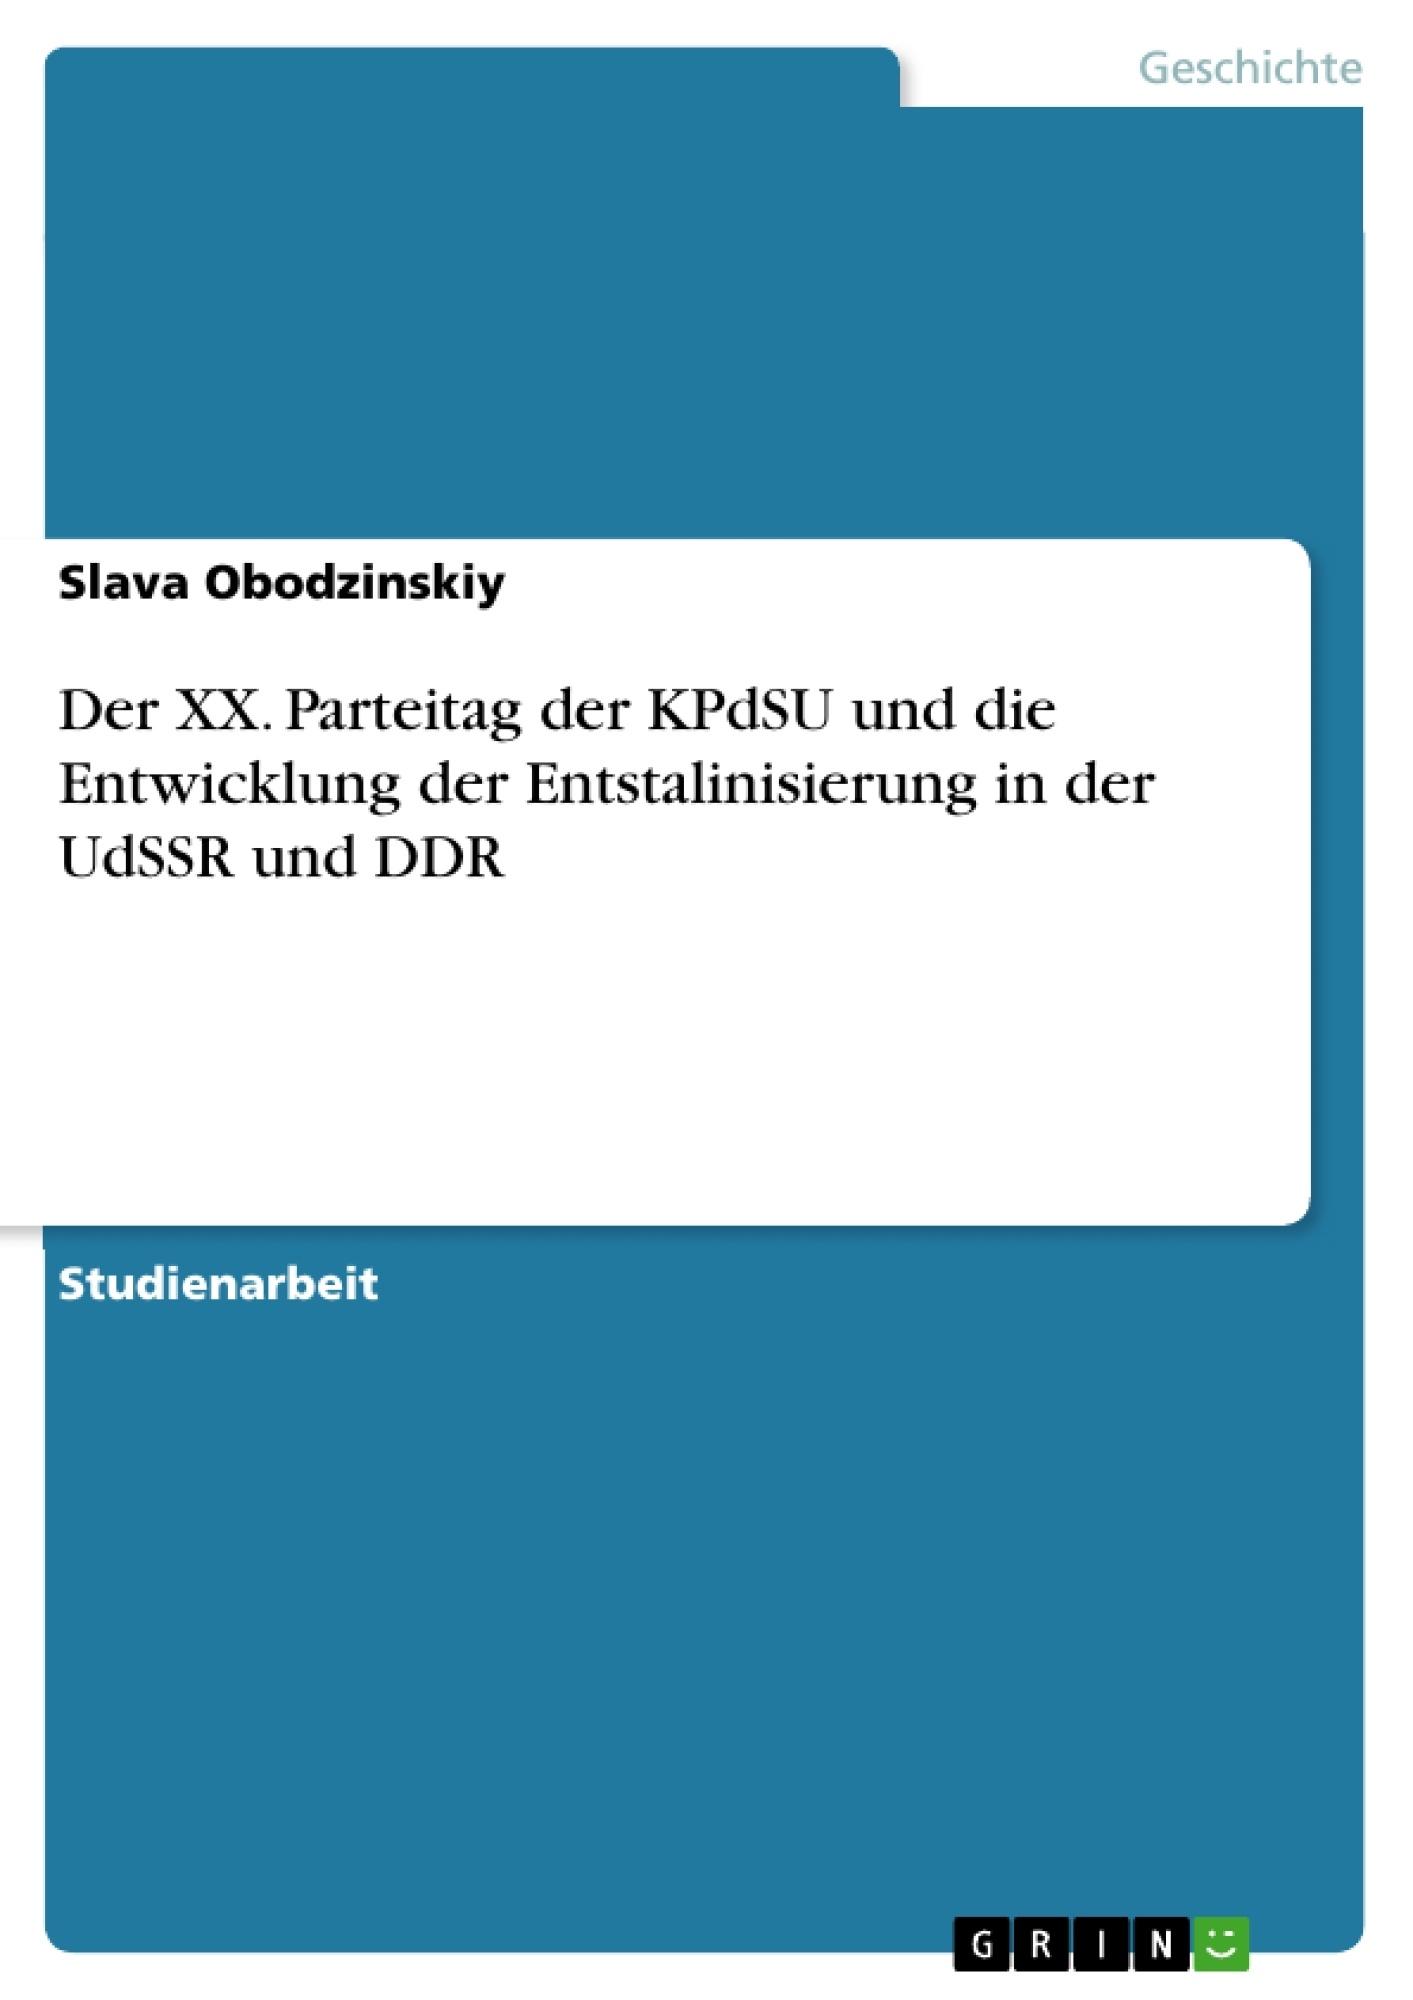 Titel: Der XX. Parteitag der KPdSU und die Entwicklung der Entstalinisierung in der UdSSR und DDR